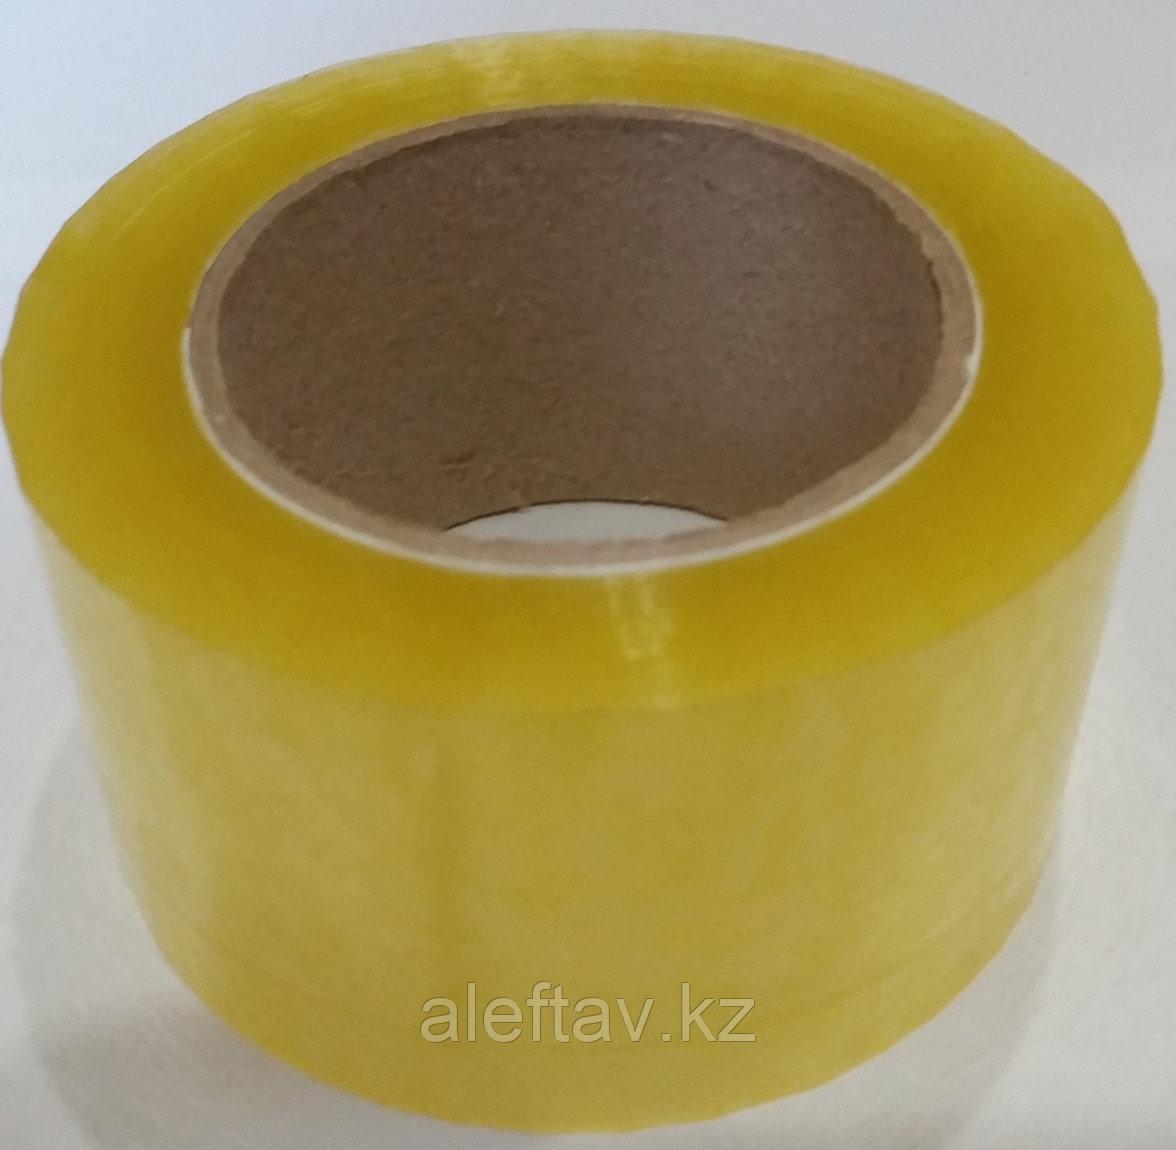 Скотч упаковочный 60ммХ120мХ43мкм